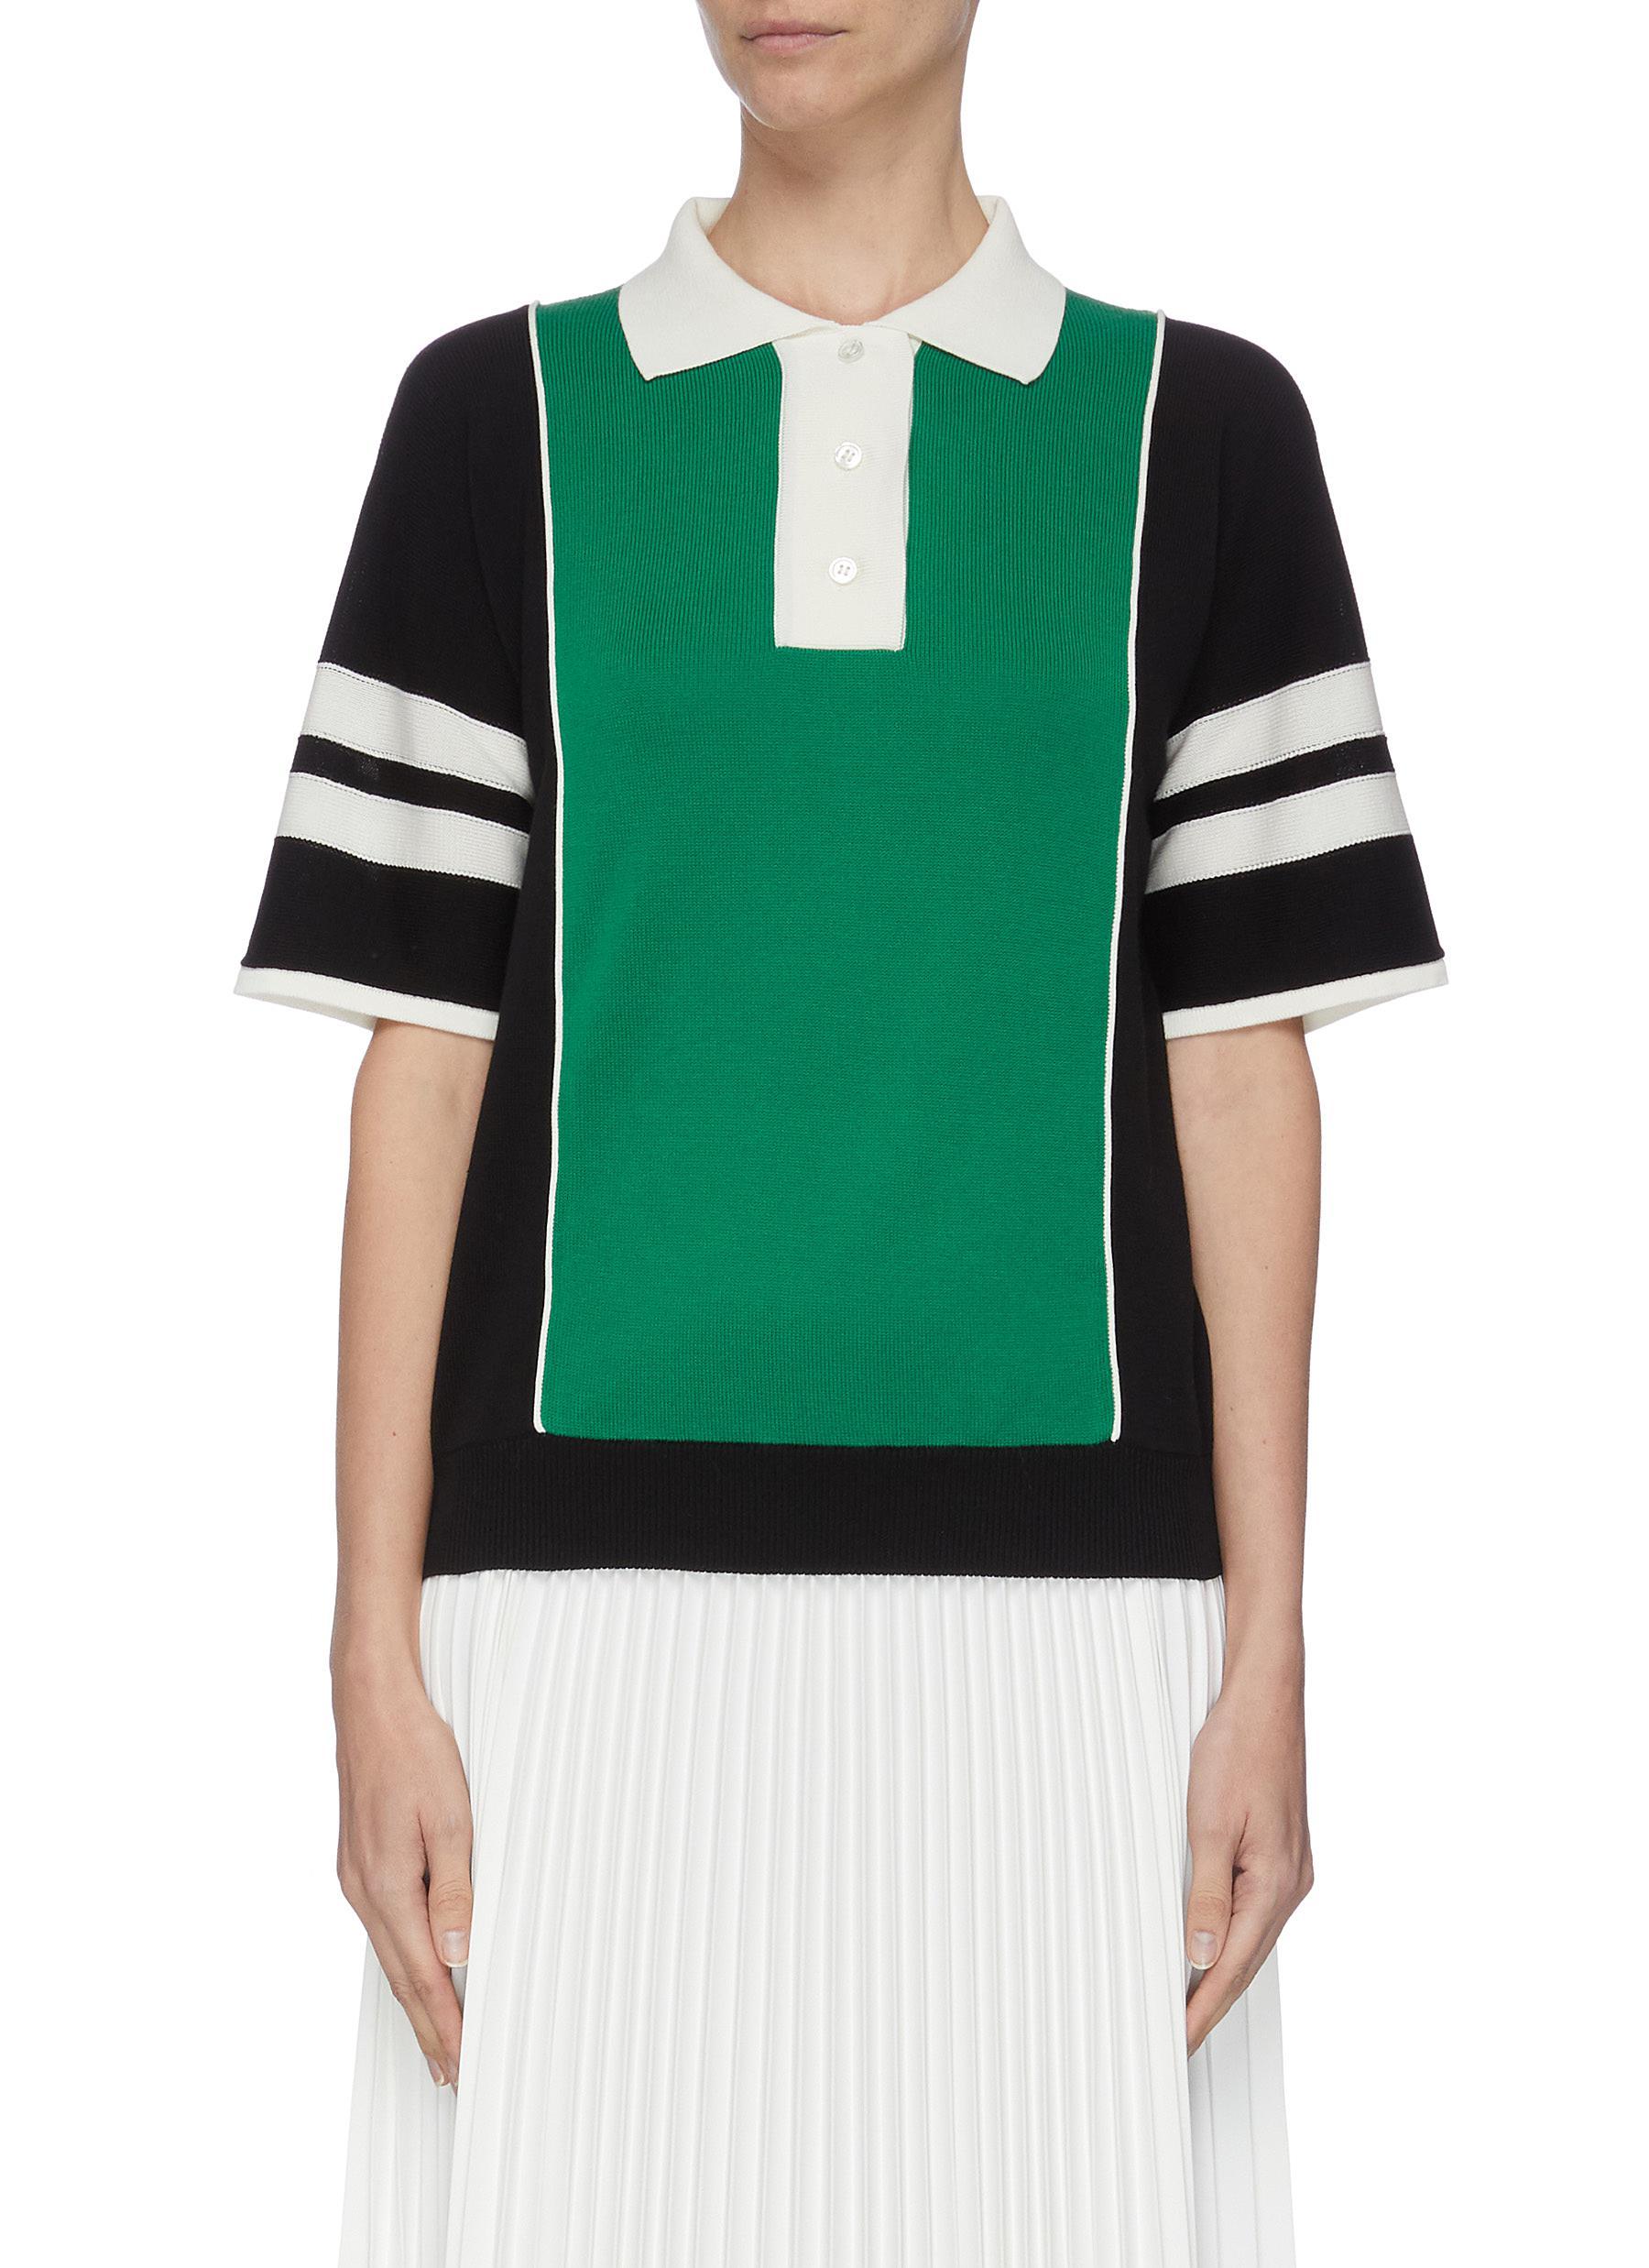 Buy Plan C Tops colourblock polo shirt